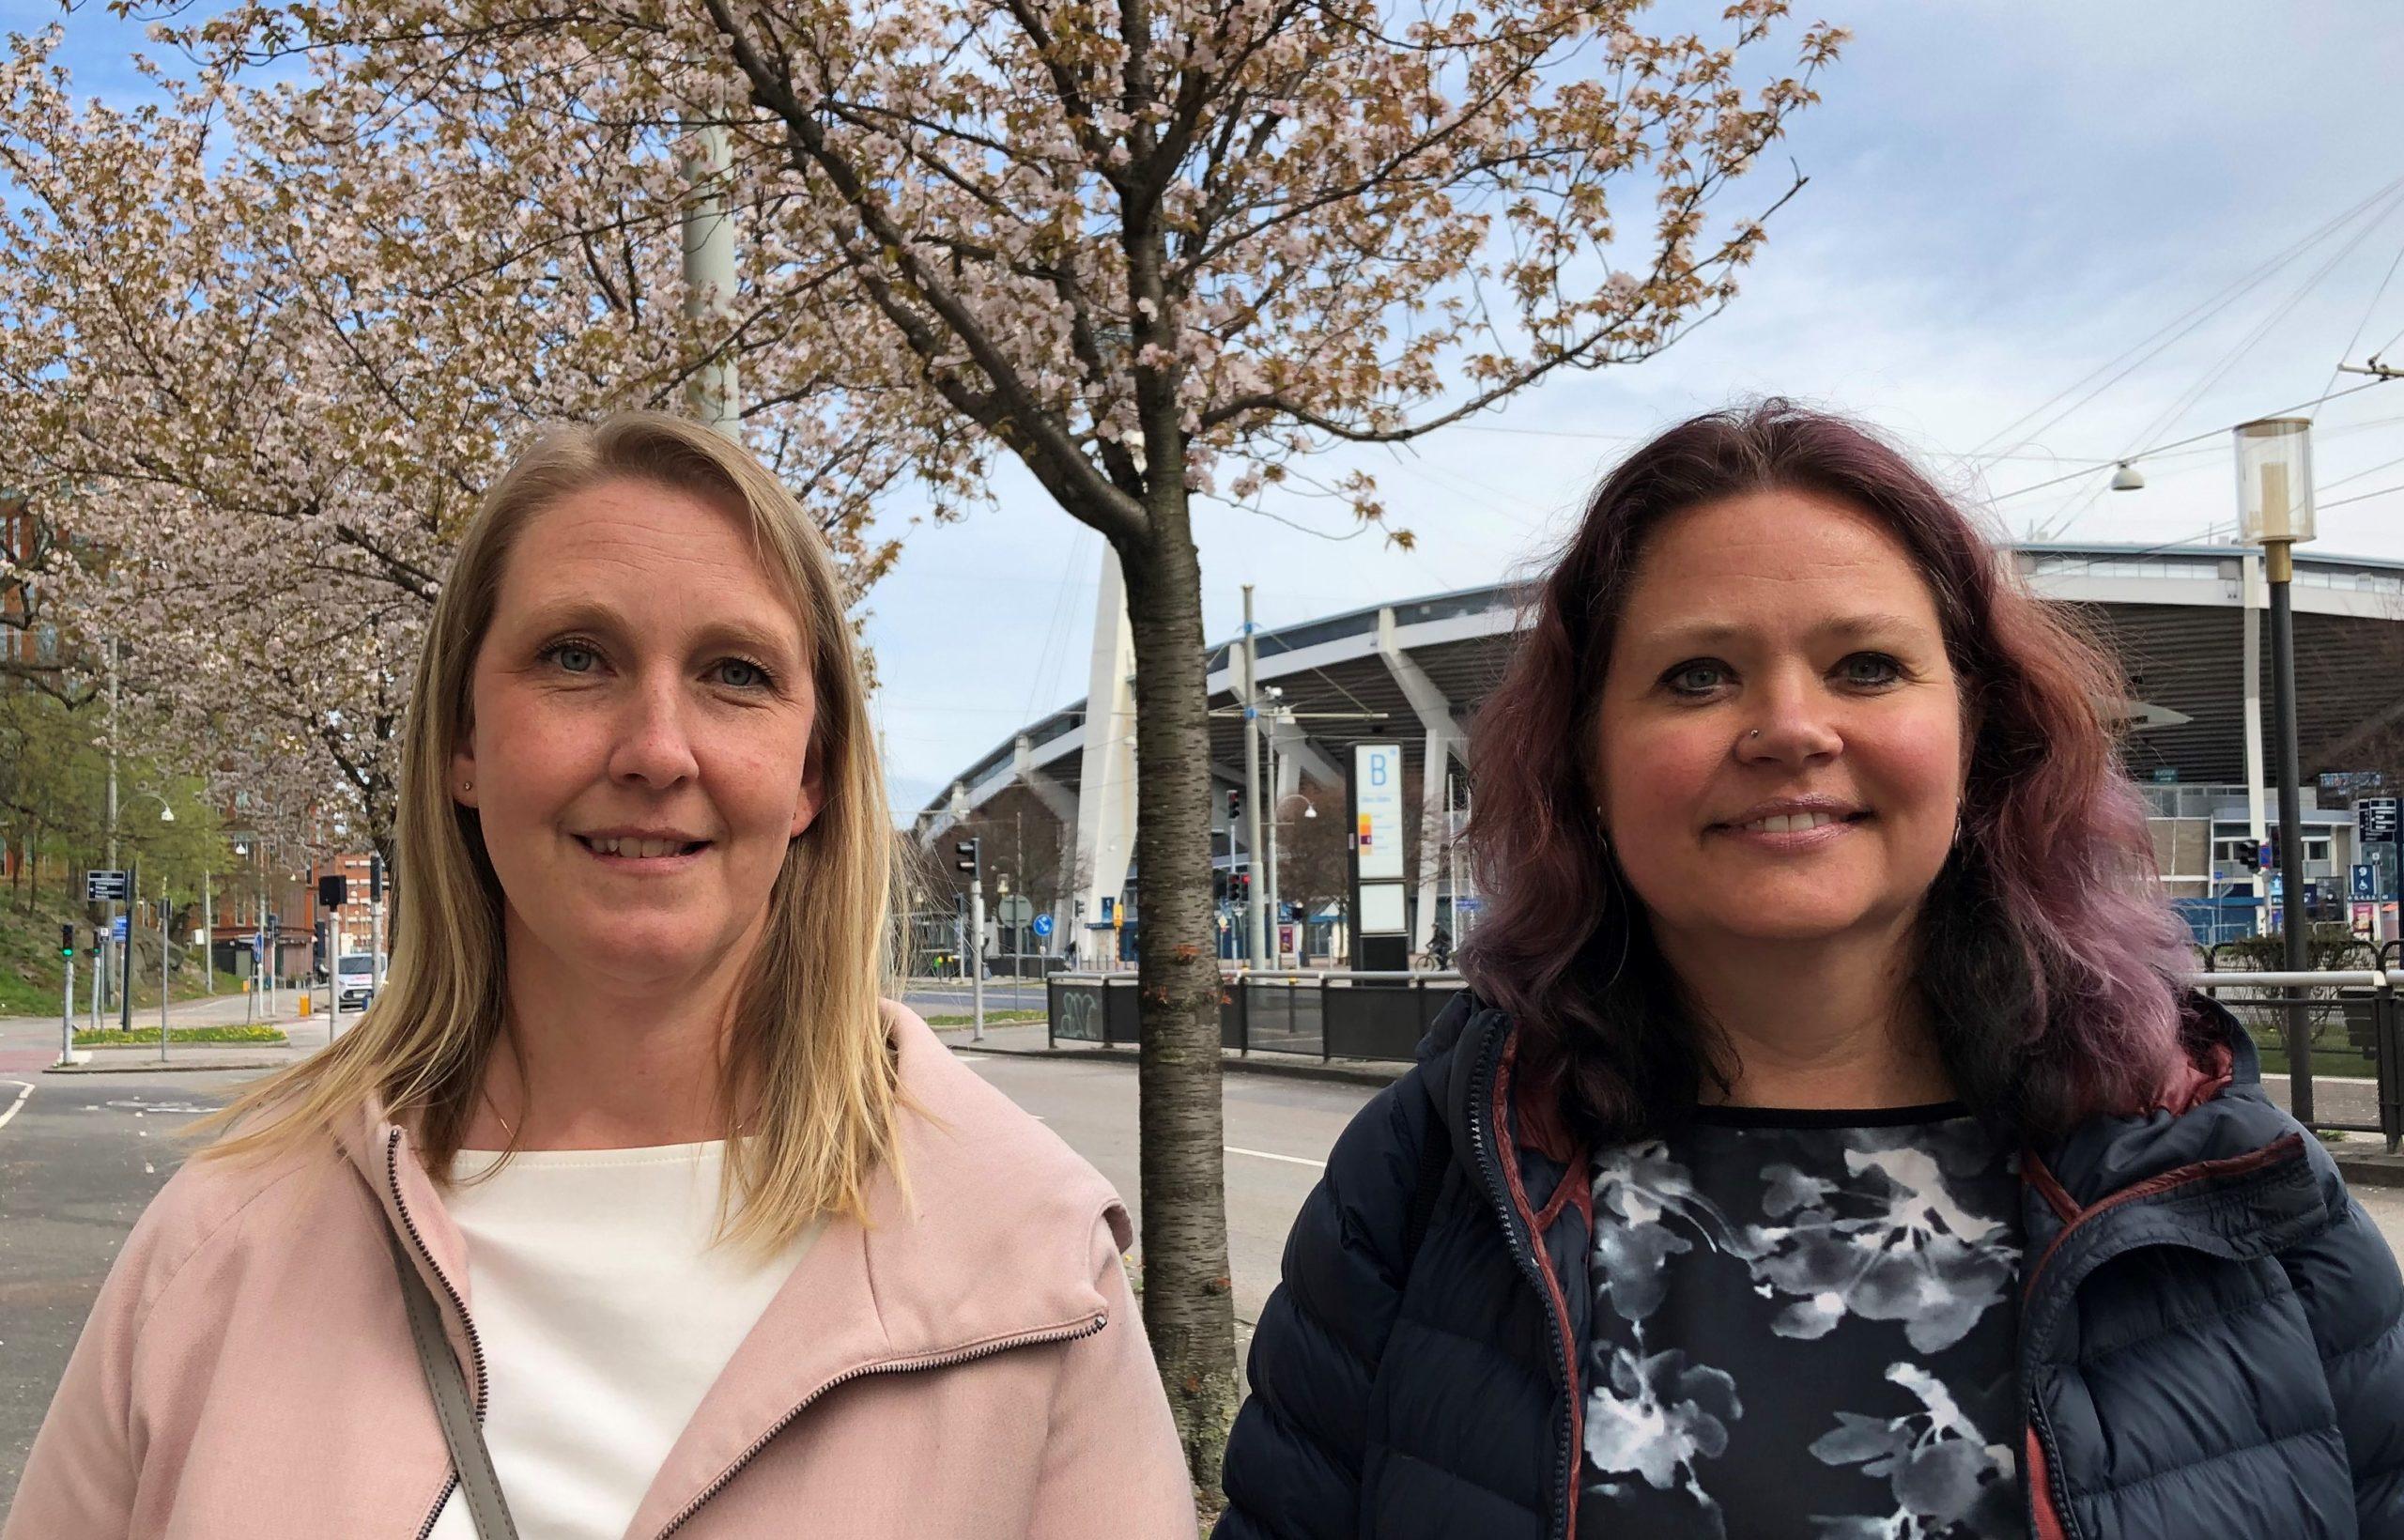 Barnskötarna Camilla Stalvik och Christina Malmström står bredvid varandra på Skånegatan, med blommande körsbärsträd i bakgrunden. och